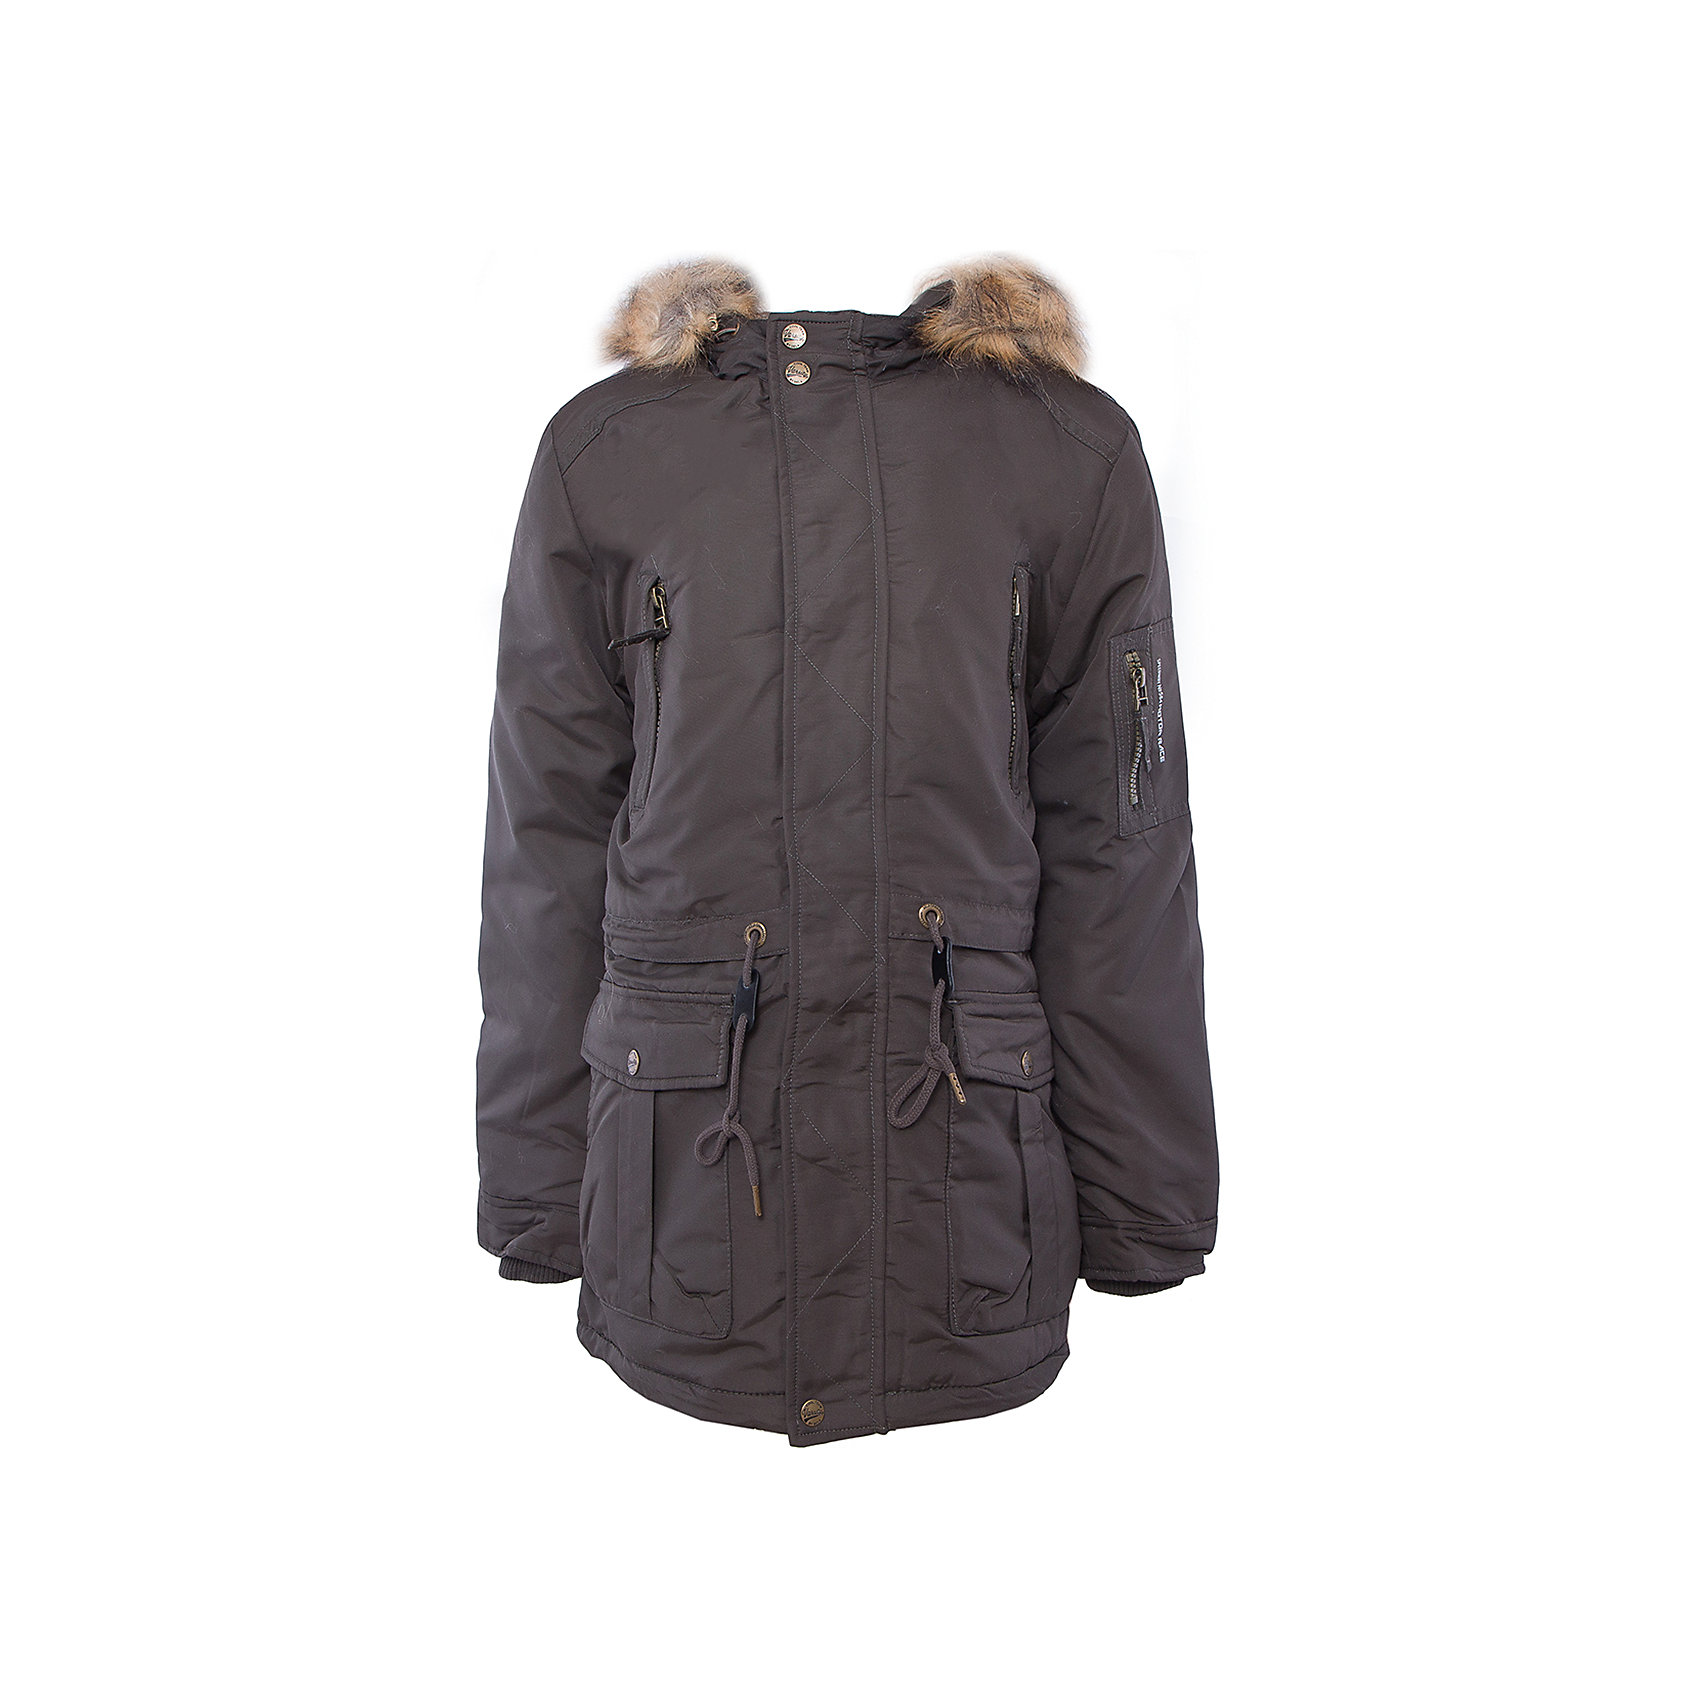 Пальто для мальчика SELAВерхняя одежда<br>Такое стильное пальто - незаменимая вещь в прохладное время года. Эта модель отлично сидит на ребенке, она сшита из плотного материала, позволяет гулять и заниматься активным отдыхом на свежем воздухе. Подкладка и утеплитель обеспечивают ребенку комфорт. Модель дополнена капюшоном, планкой от ветра, кулиской на талии, внутренними трикотажными манжетами и карманами.<br>Одежда от бренда Sela (Села) - это качество по приемлемым ценам. Многие российские родители уже оценили преимущества продукции этой компании и всё чаще приобретают одежду и аксессуары Sela.<br><br>Дополнительная информация:<br><br>материал: 100% нейлон; подкладка:100% ПЭ; утеплитель:100% ПЭ; мех:100% ПЭ;<br>капюшон с опушкой;<br>карманы;<br>кулиска на талии.<br><br>Пальто для мальчика от бренда Sela можно купить в нашем интернет-магазине.<br><br>Ширина мм: 356<br>Глубина мм: 10<br>Высота мм: 245<br>Вес г: 519<br>Цвет: зеленый<br>Возраст от месяцев: 60<br>Возраст до месяцев: 72<br>Пол: Мужской<br>Возраст: Детский<br>Размер: 116,152,128,140<br>SKU: 5007989